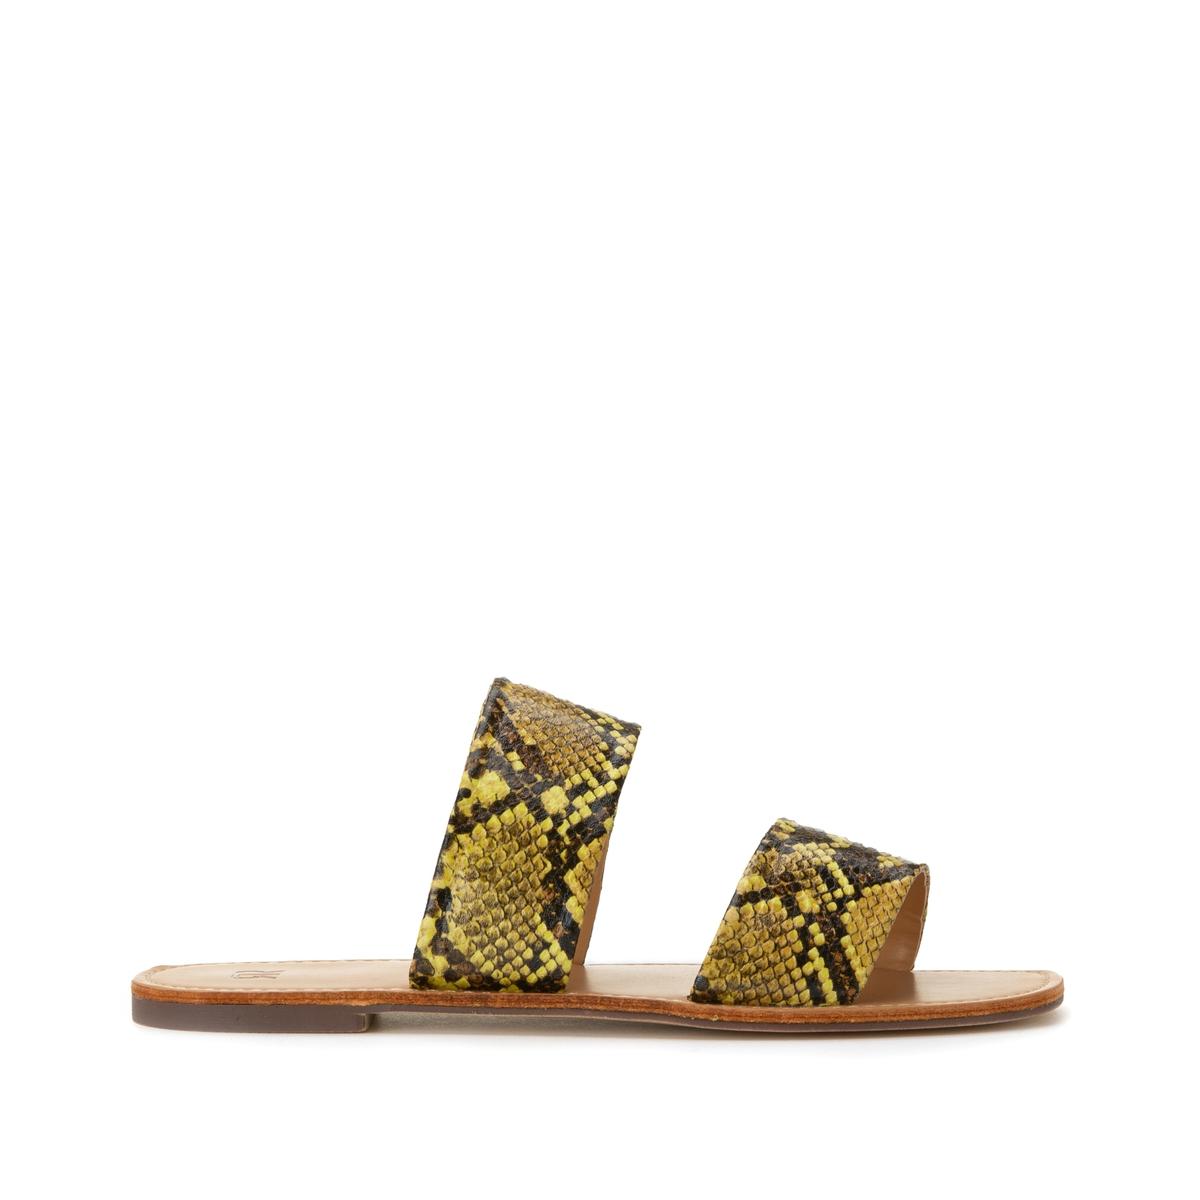 Туфли La Redoute Без задника с ремешками и питоновым принтом 40 желтый кеды сникеры la redoute с крокодиловым принтом 38 желтый